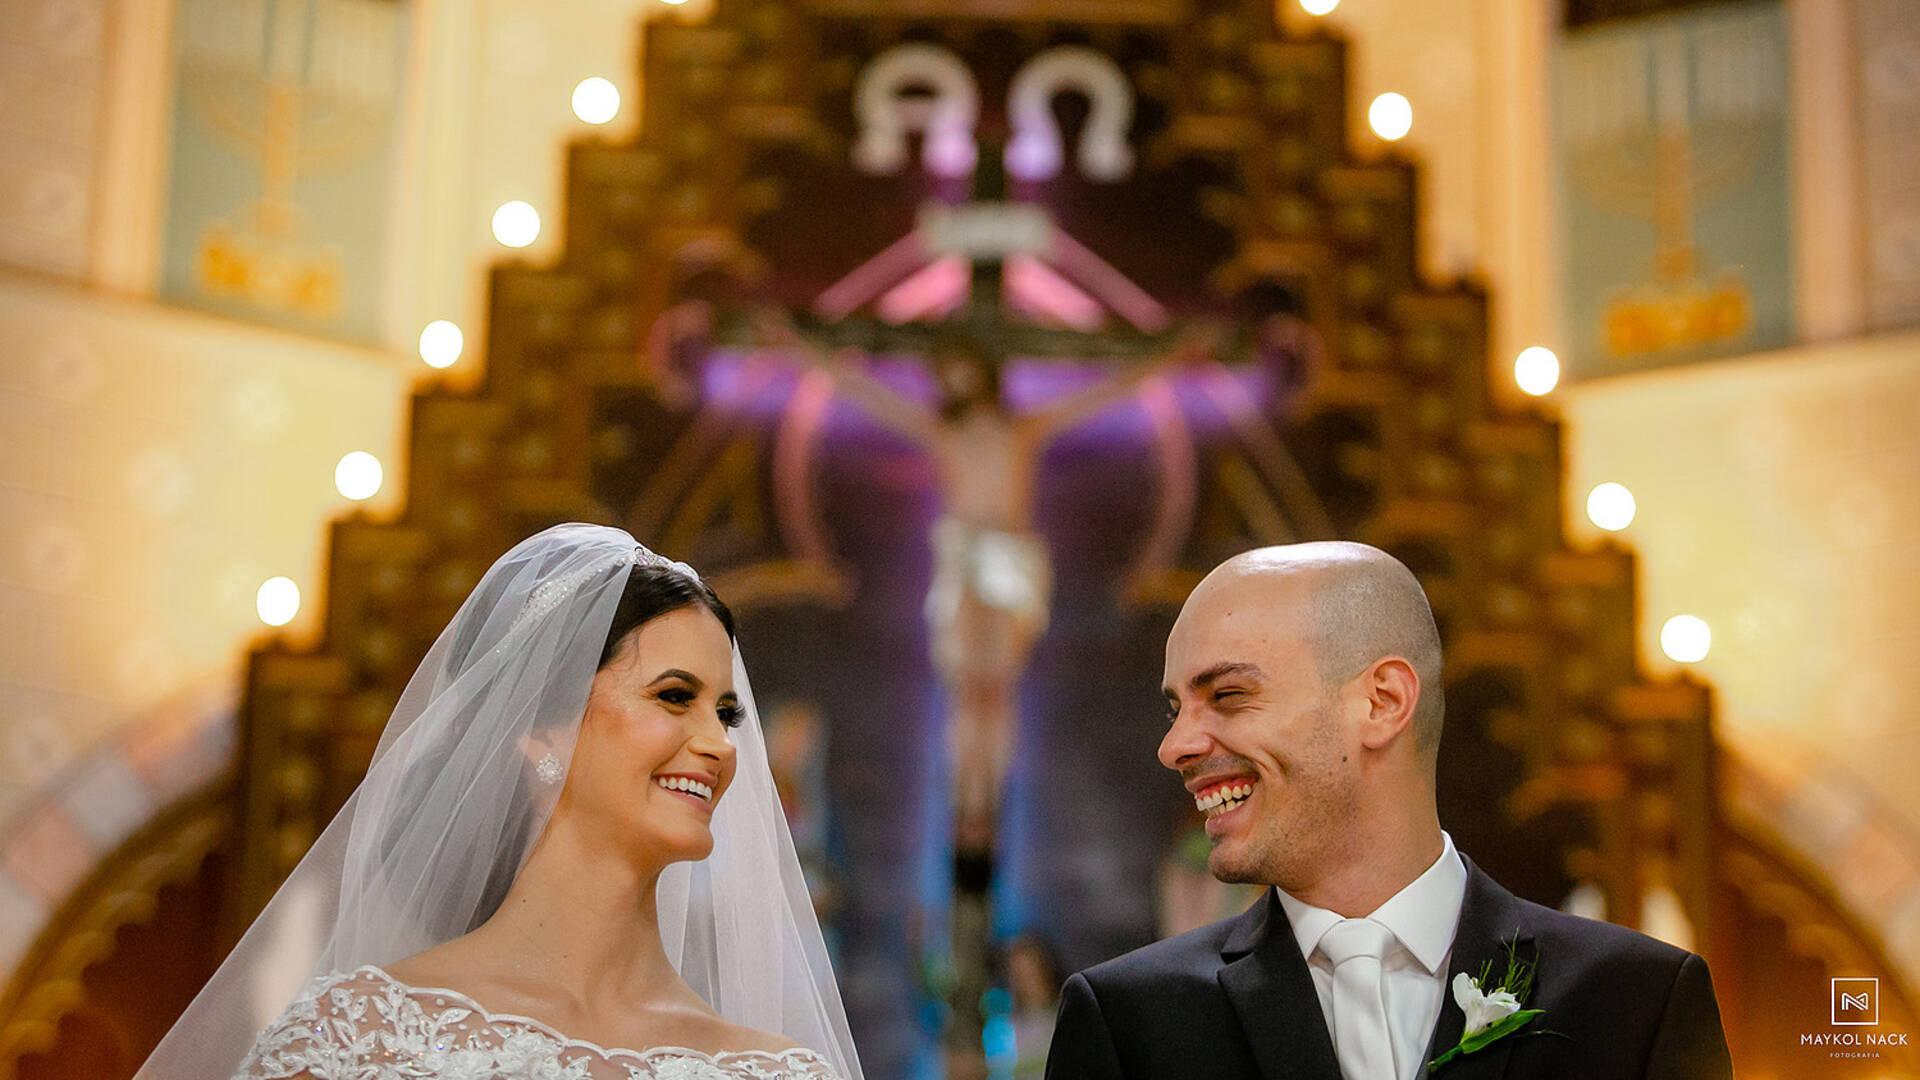 Fotógrafo de Casamento de Emanuella e Rafael